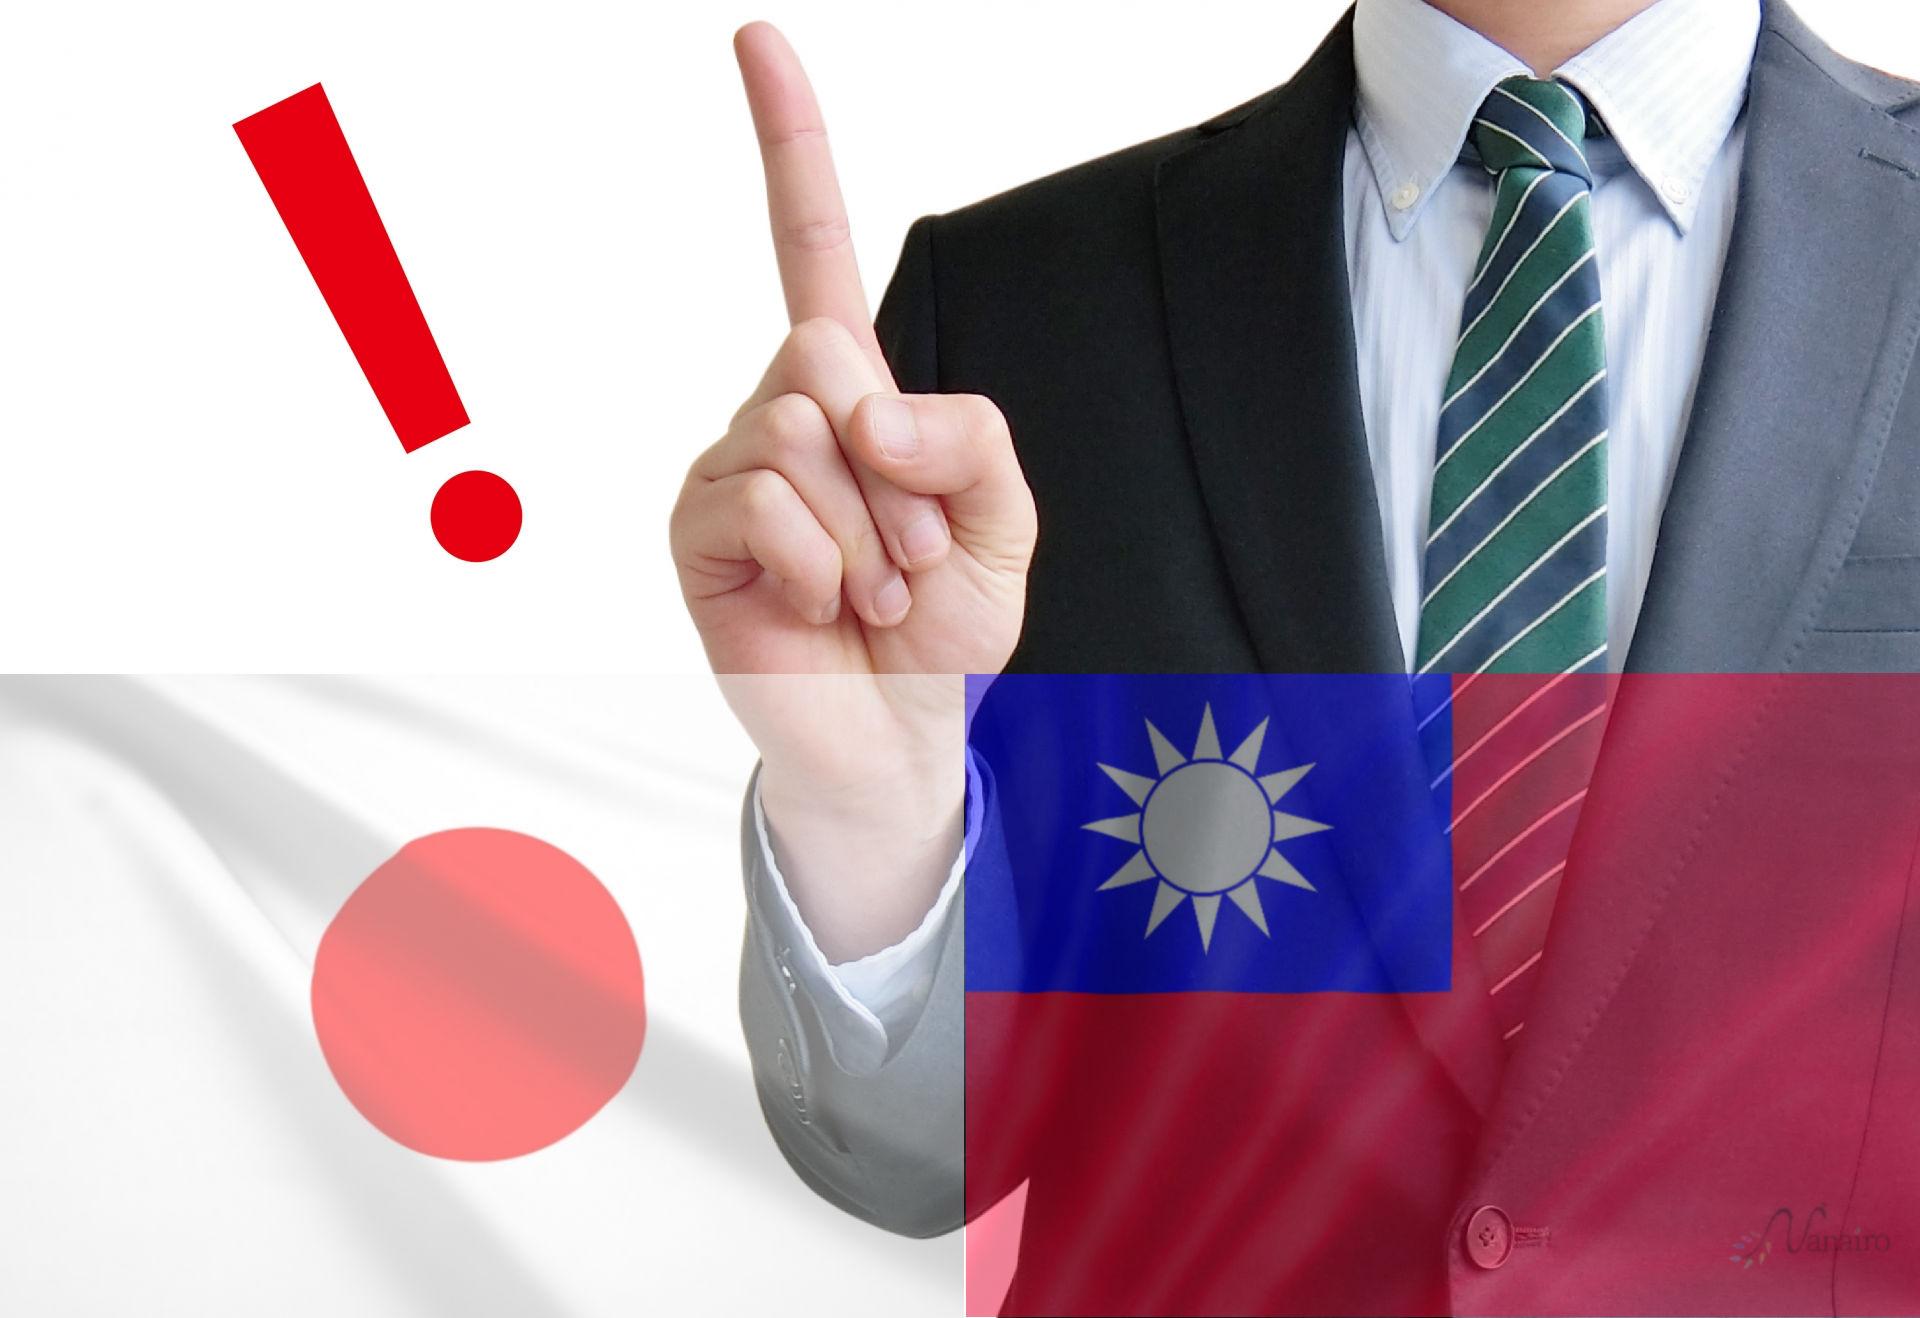 台湾人と一緒に仕事をするコツ。台湾人の仕事観と特徴は?